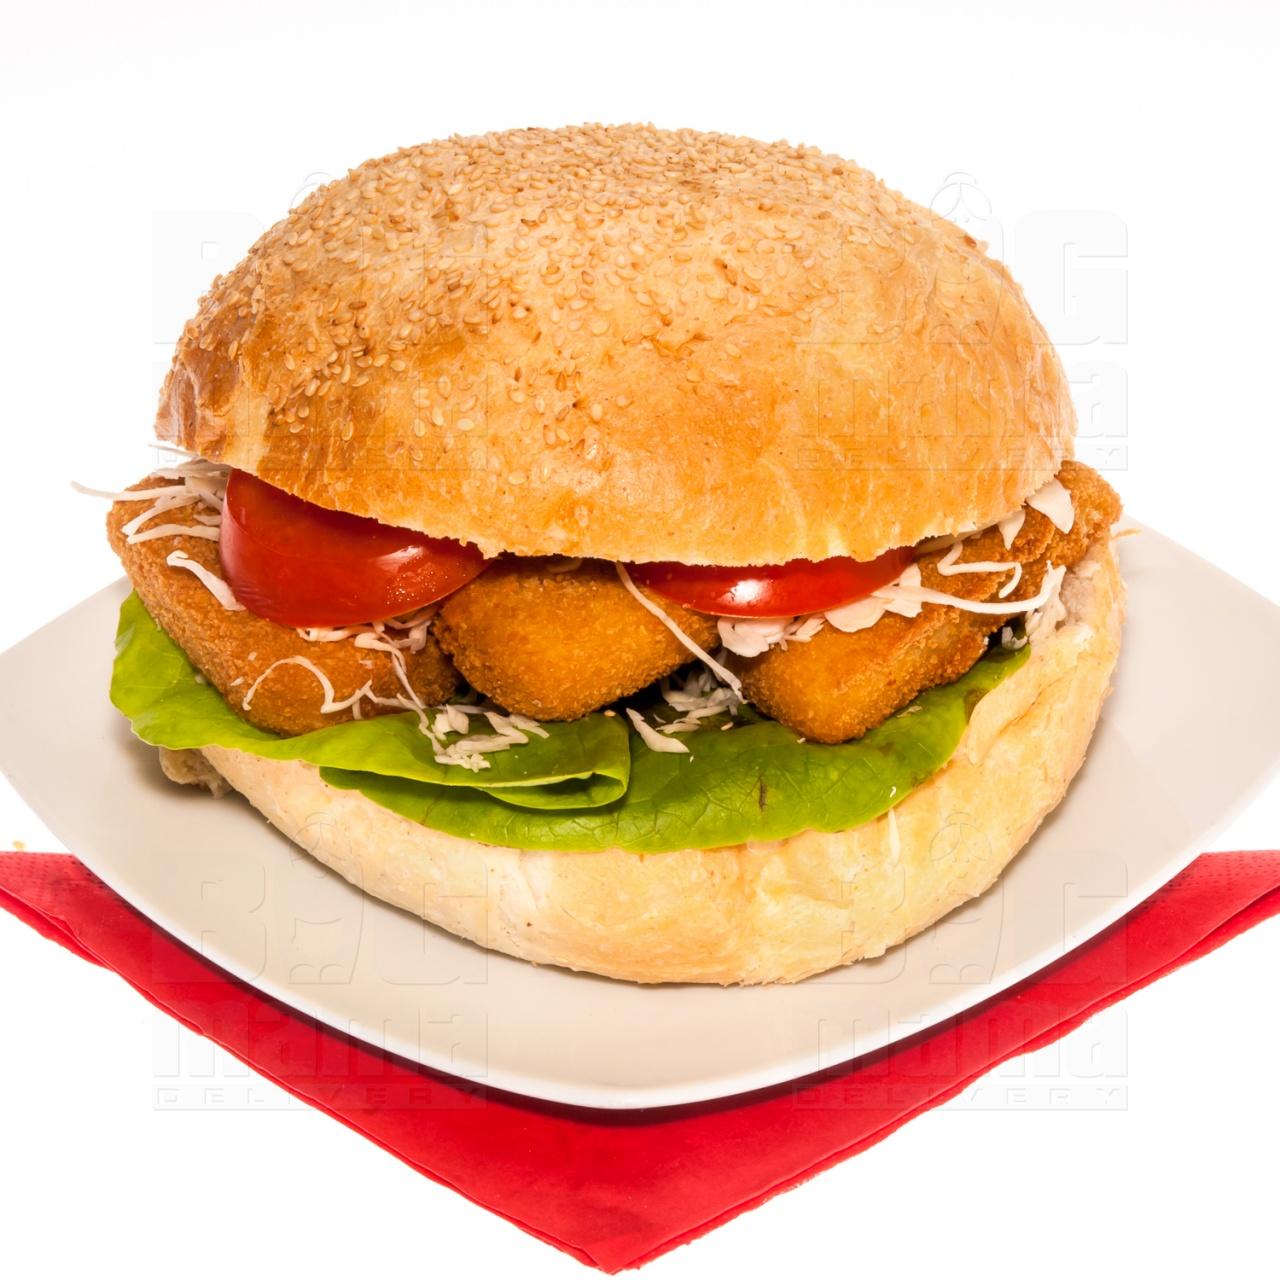 Product #146 image - Sandviș mare cu cașcaval pane